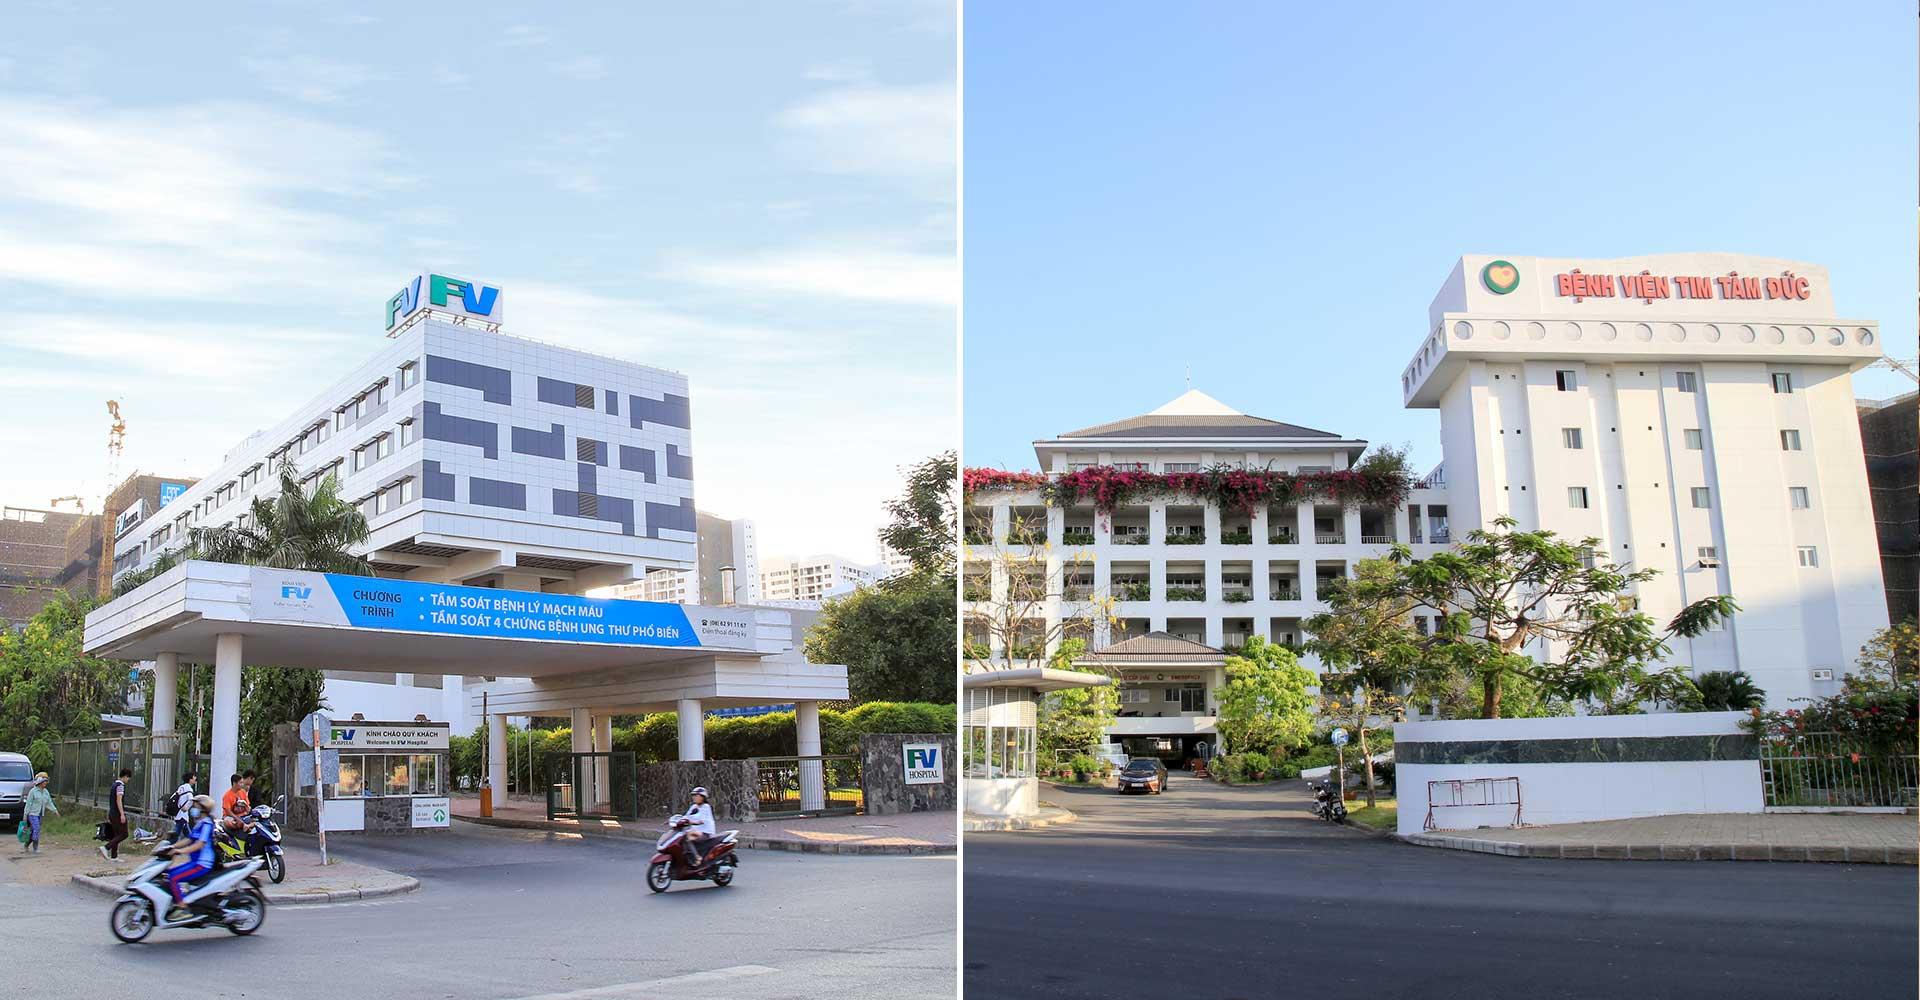 Bệnh viện quốc tế Quận 7